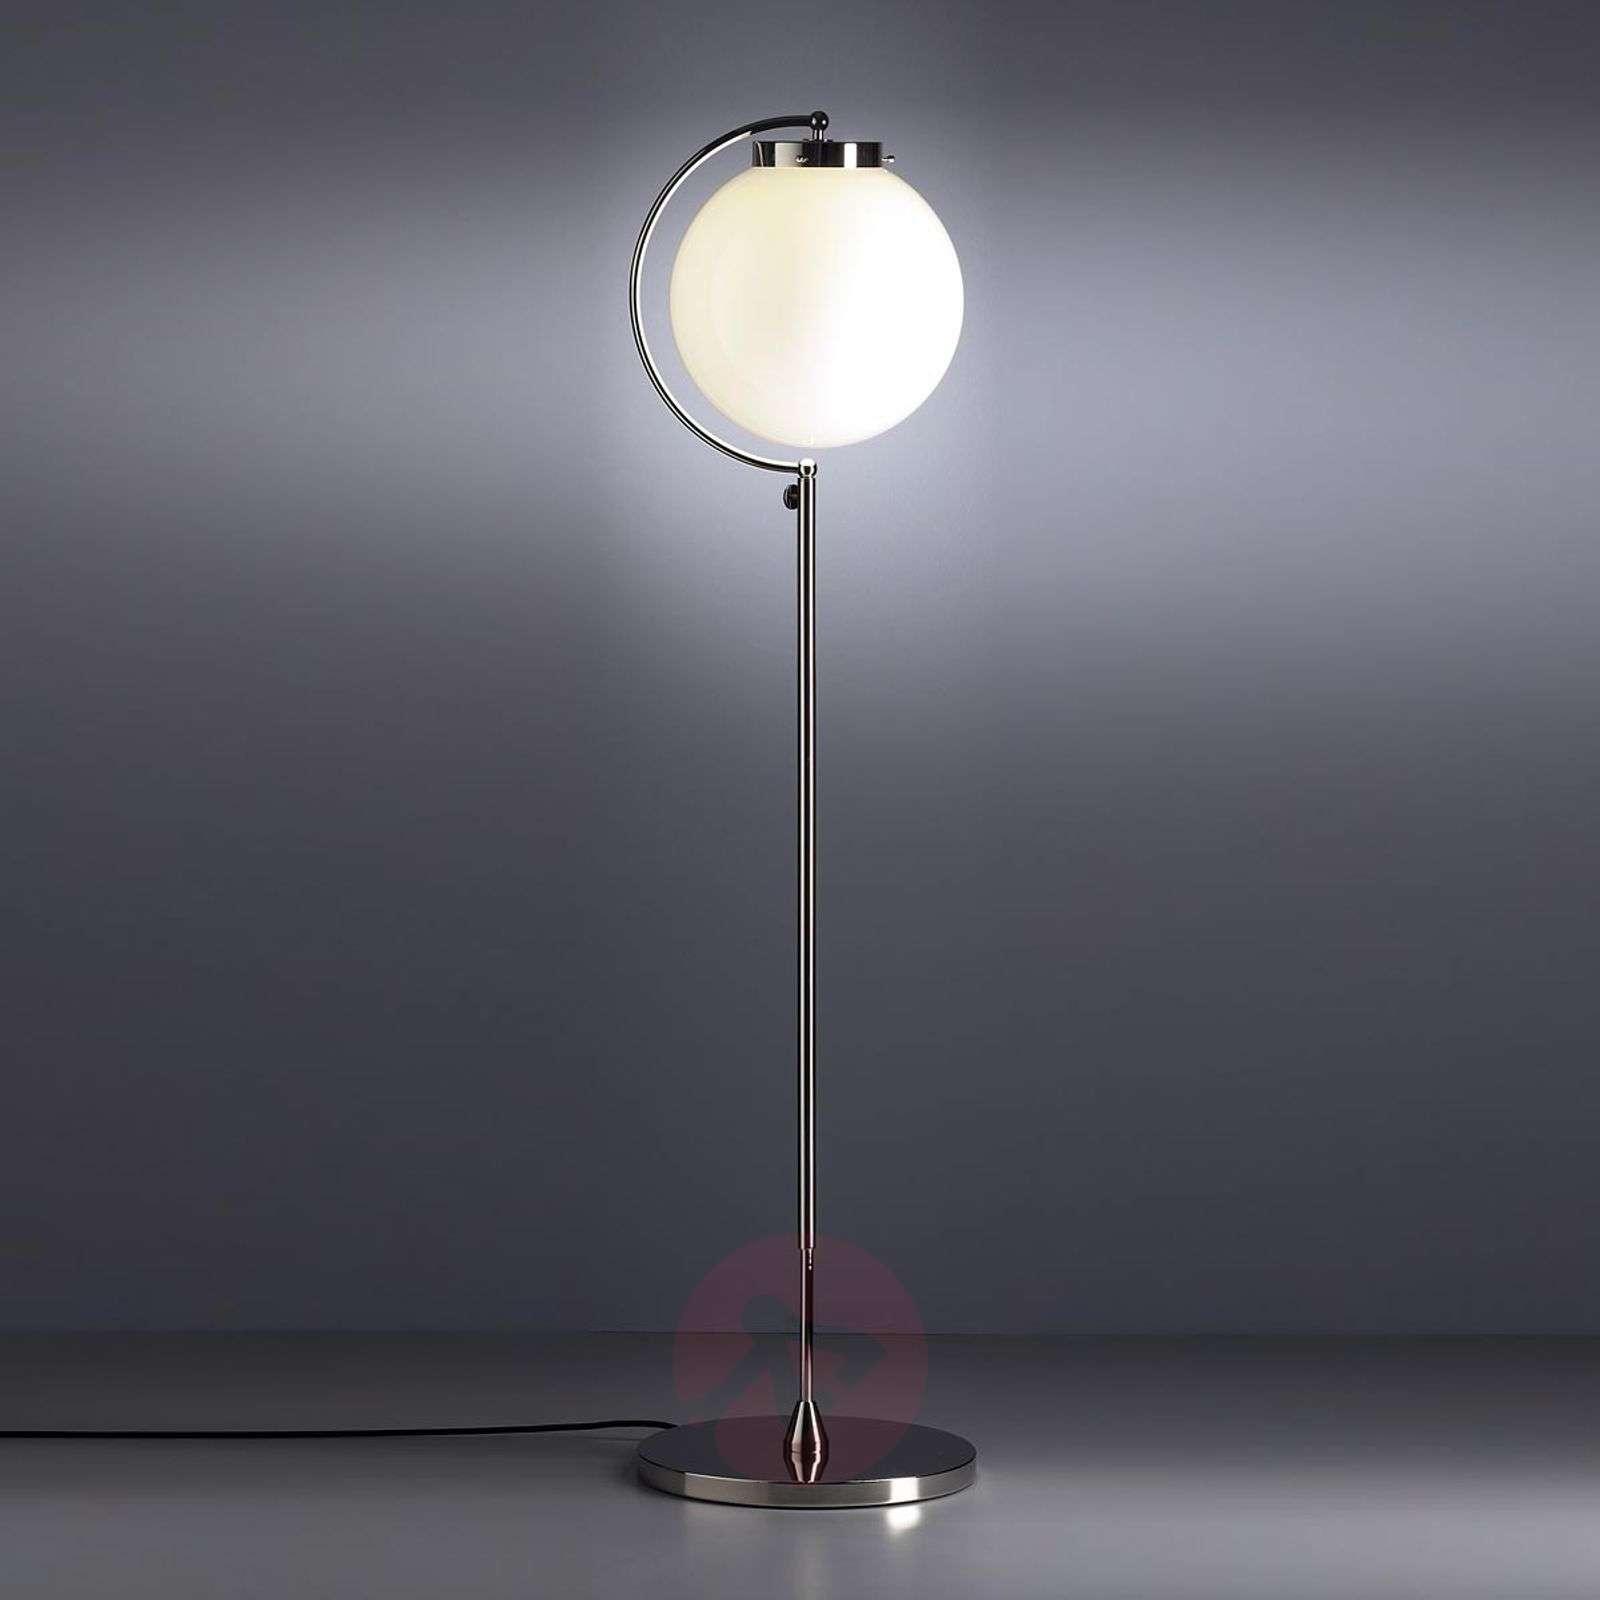 Bauhaus floor lamp by Prof. Richard Döcker-9030014-01